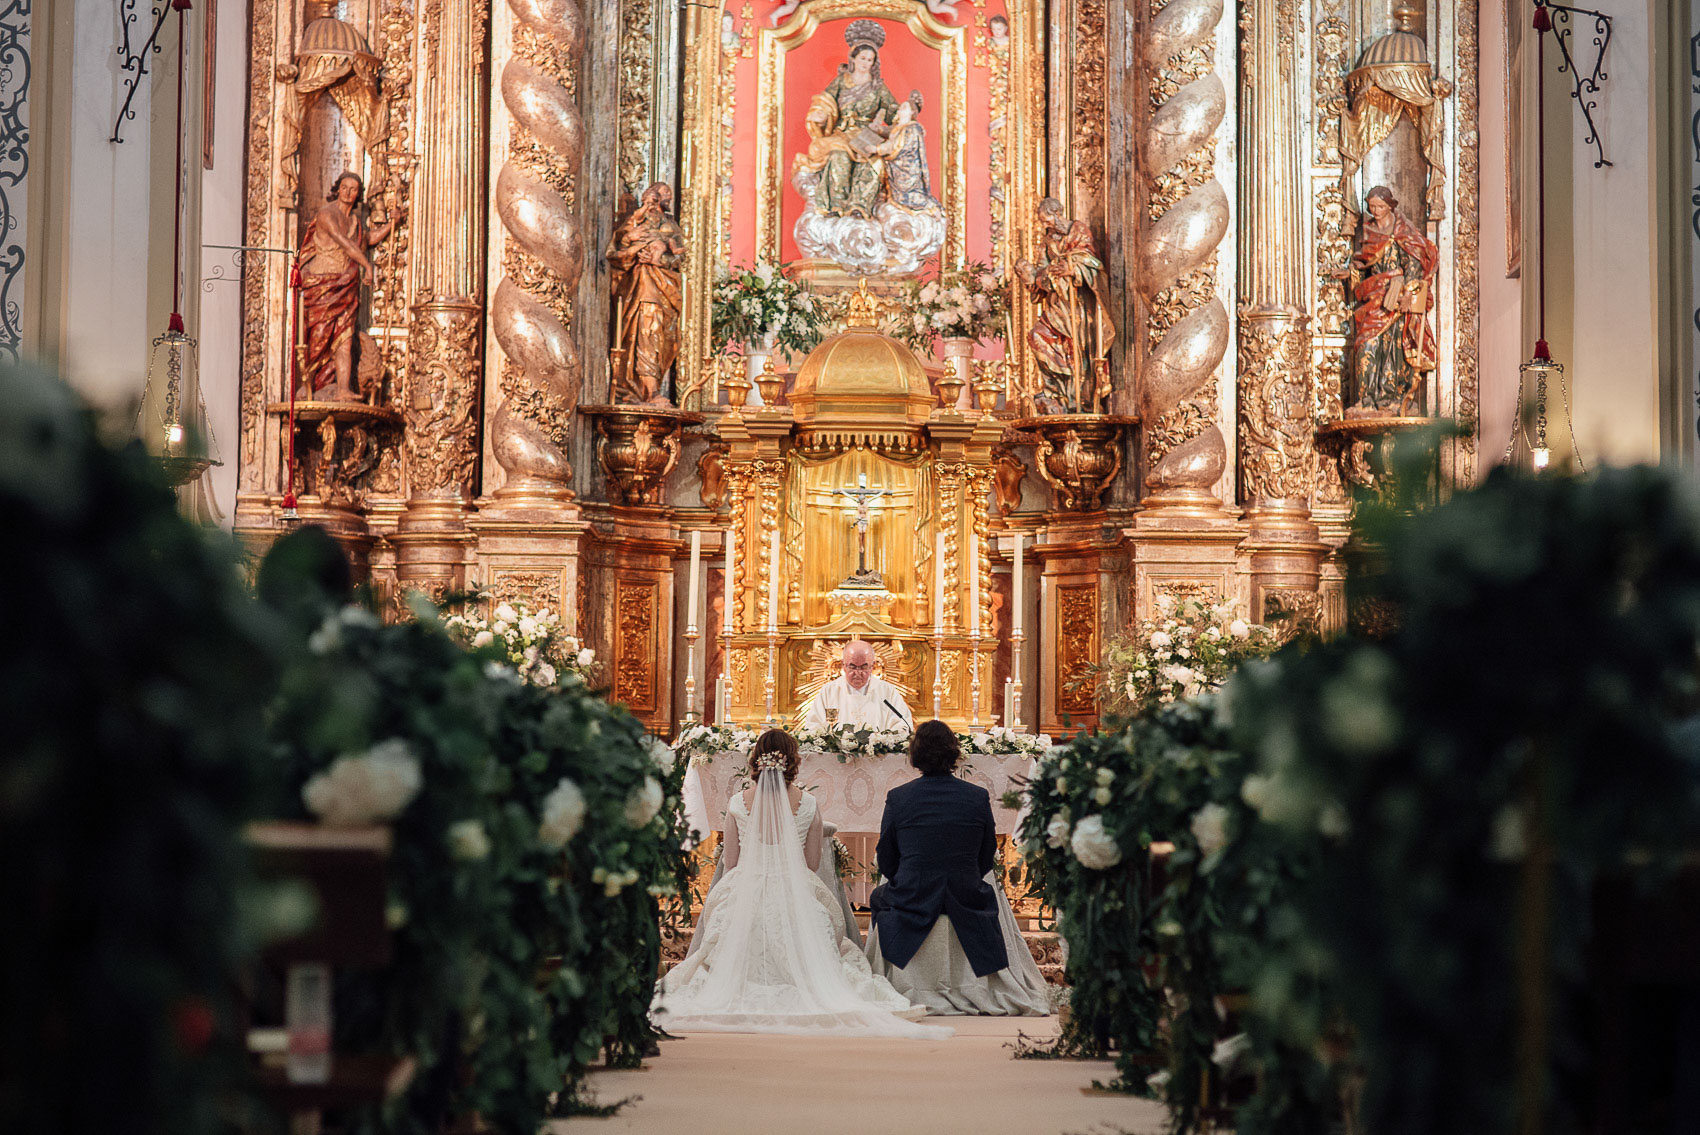 pasillo iglesia anas decoracion flores cura